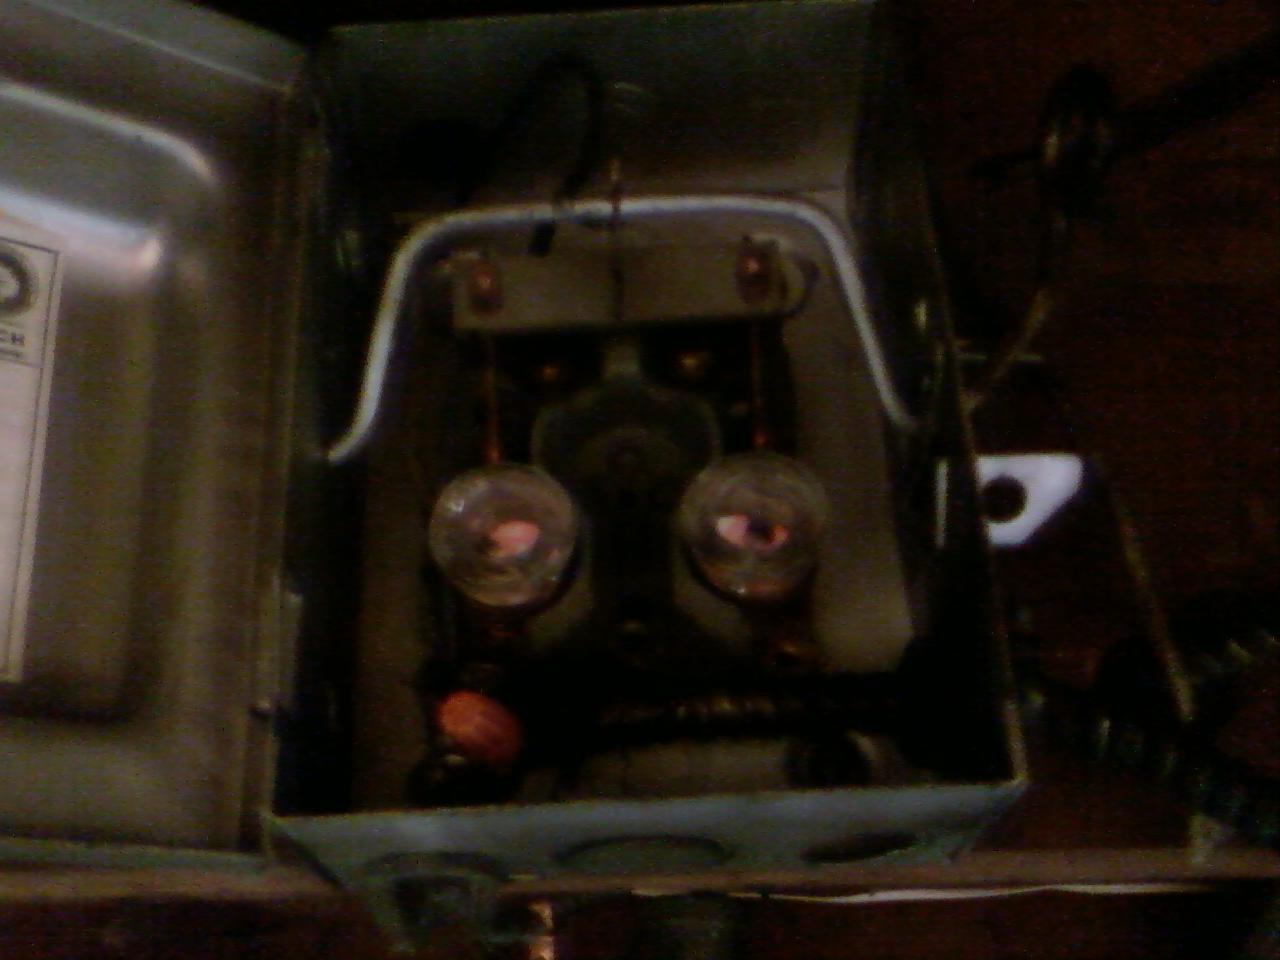 Oil-fired Boiler won't start-0124101010a.jpg